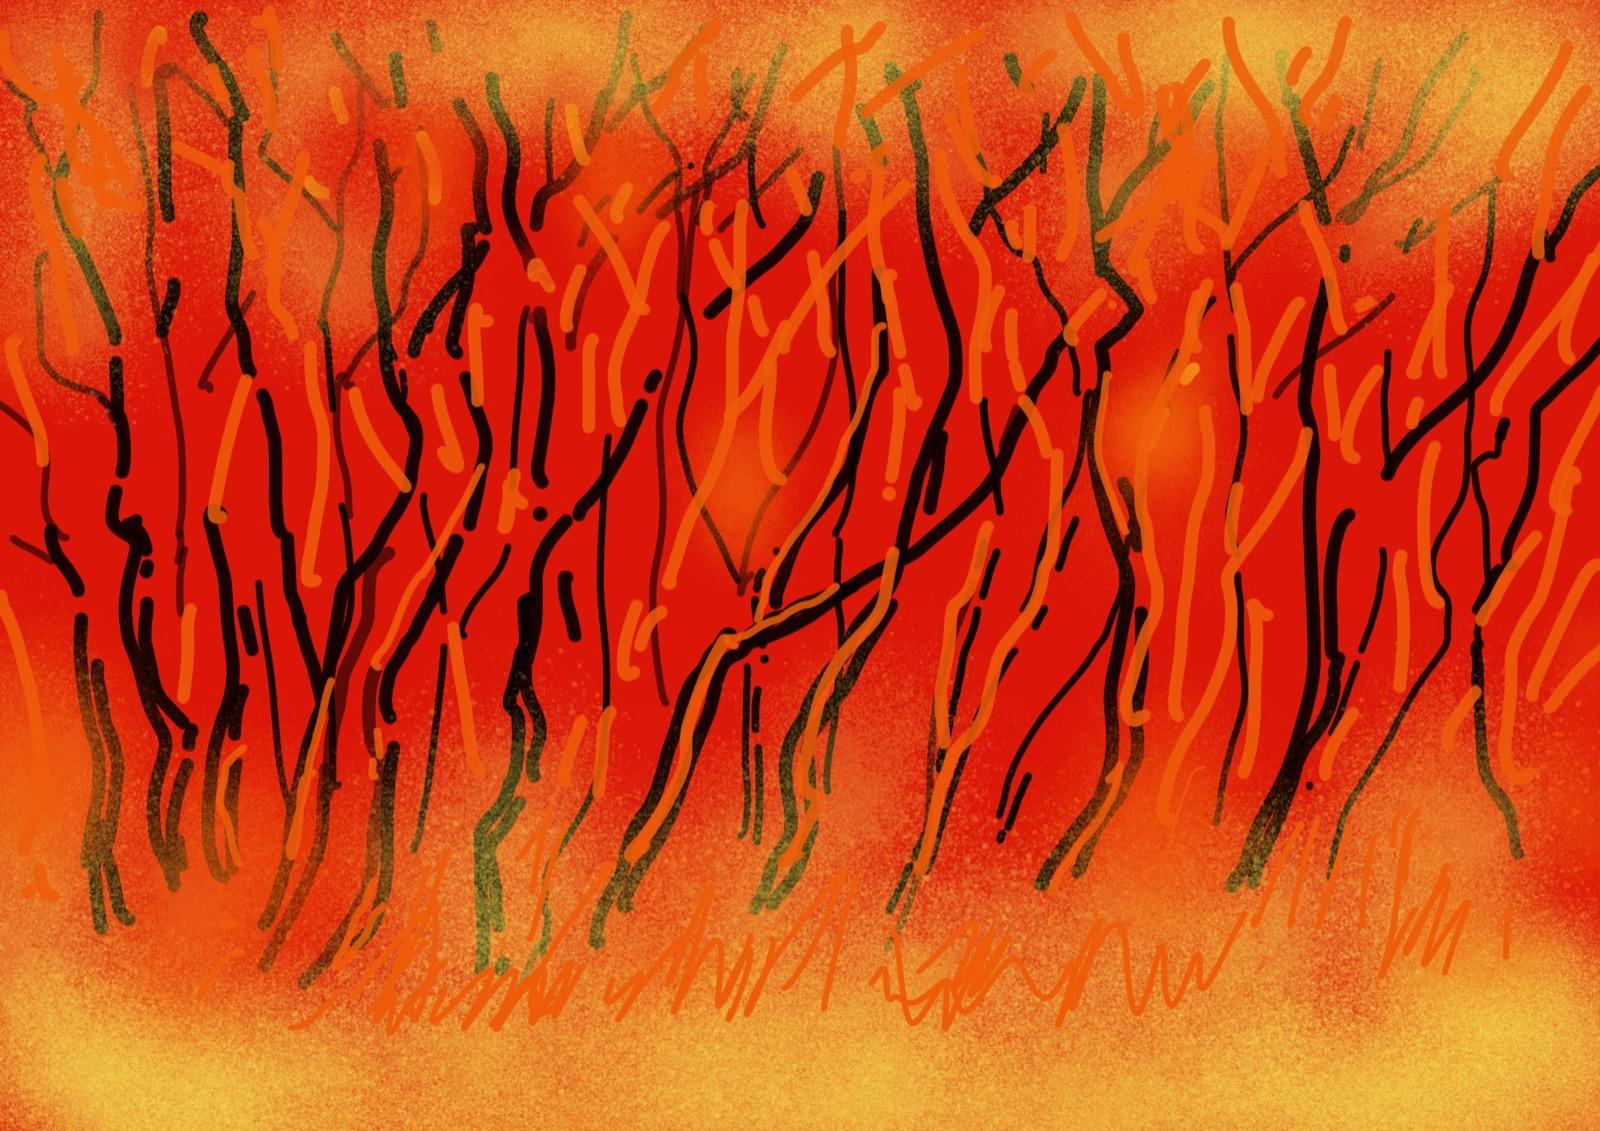 Firestorm 3, iPad digital